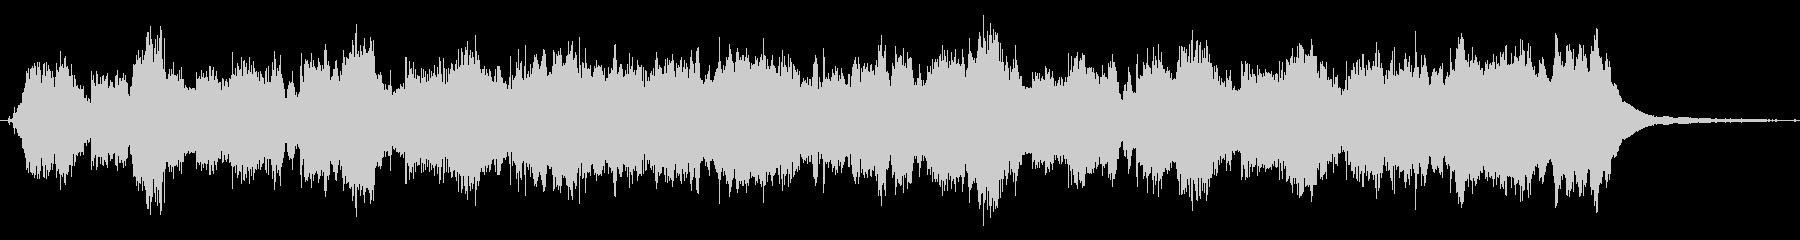 アコーディオンの可愛い20秒のジングルの未再生の波形